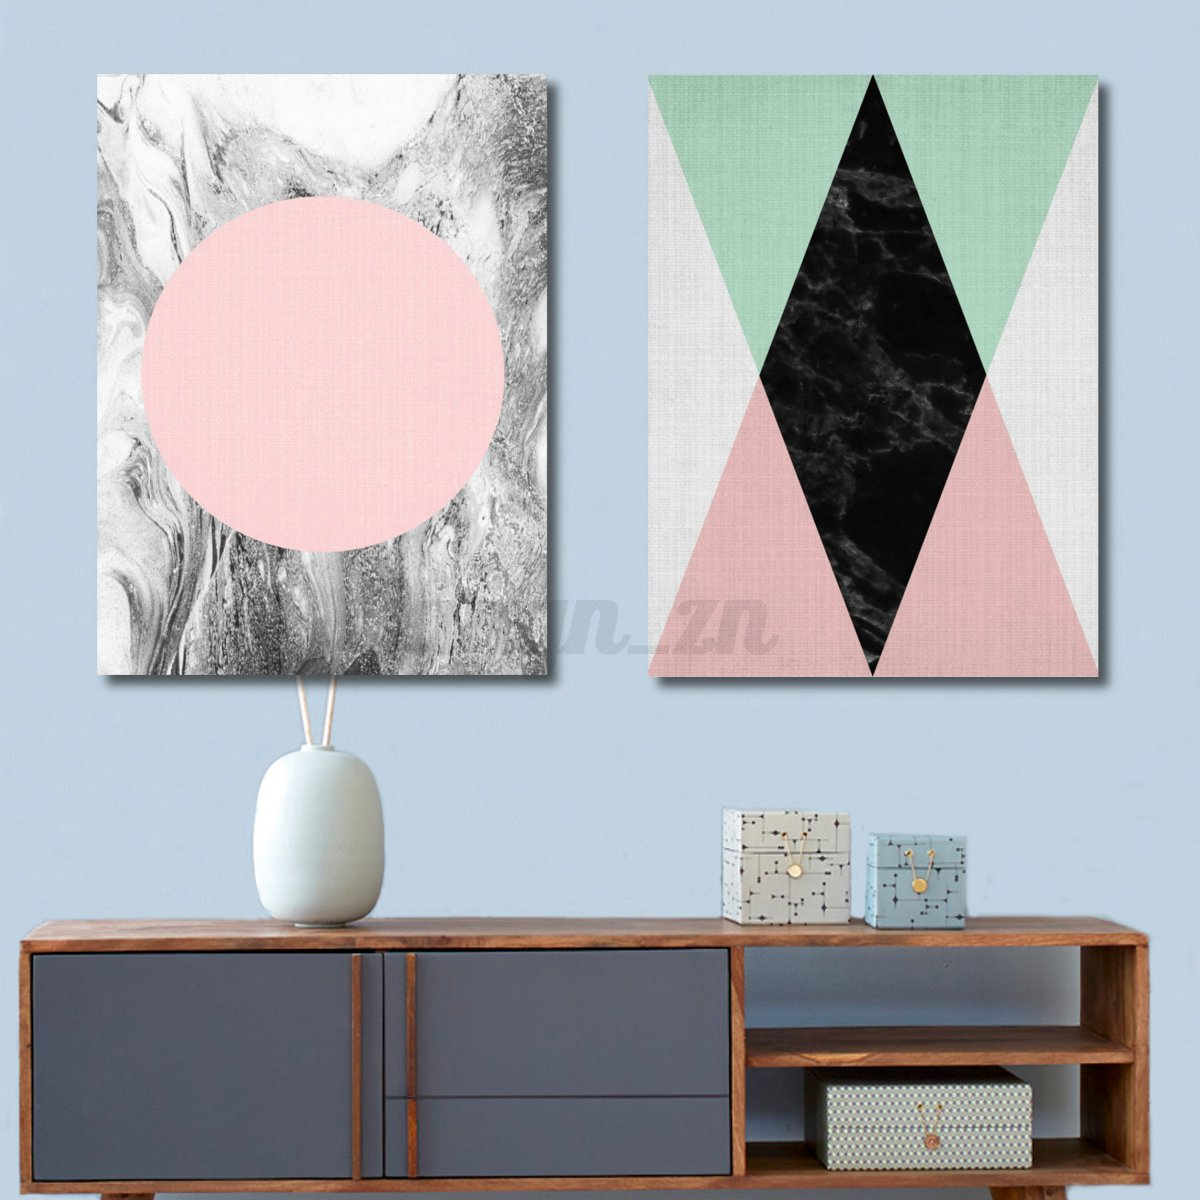 peinture l 39 huile tableau g om trique cerf sur toile sans cadre maison murale ebay. Black Bedroom Furniture Sets. Home Design Ideas